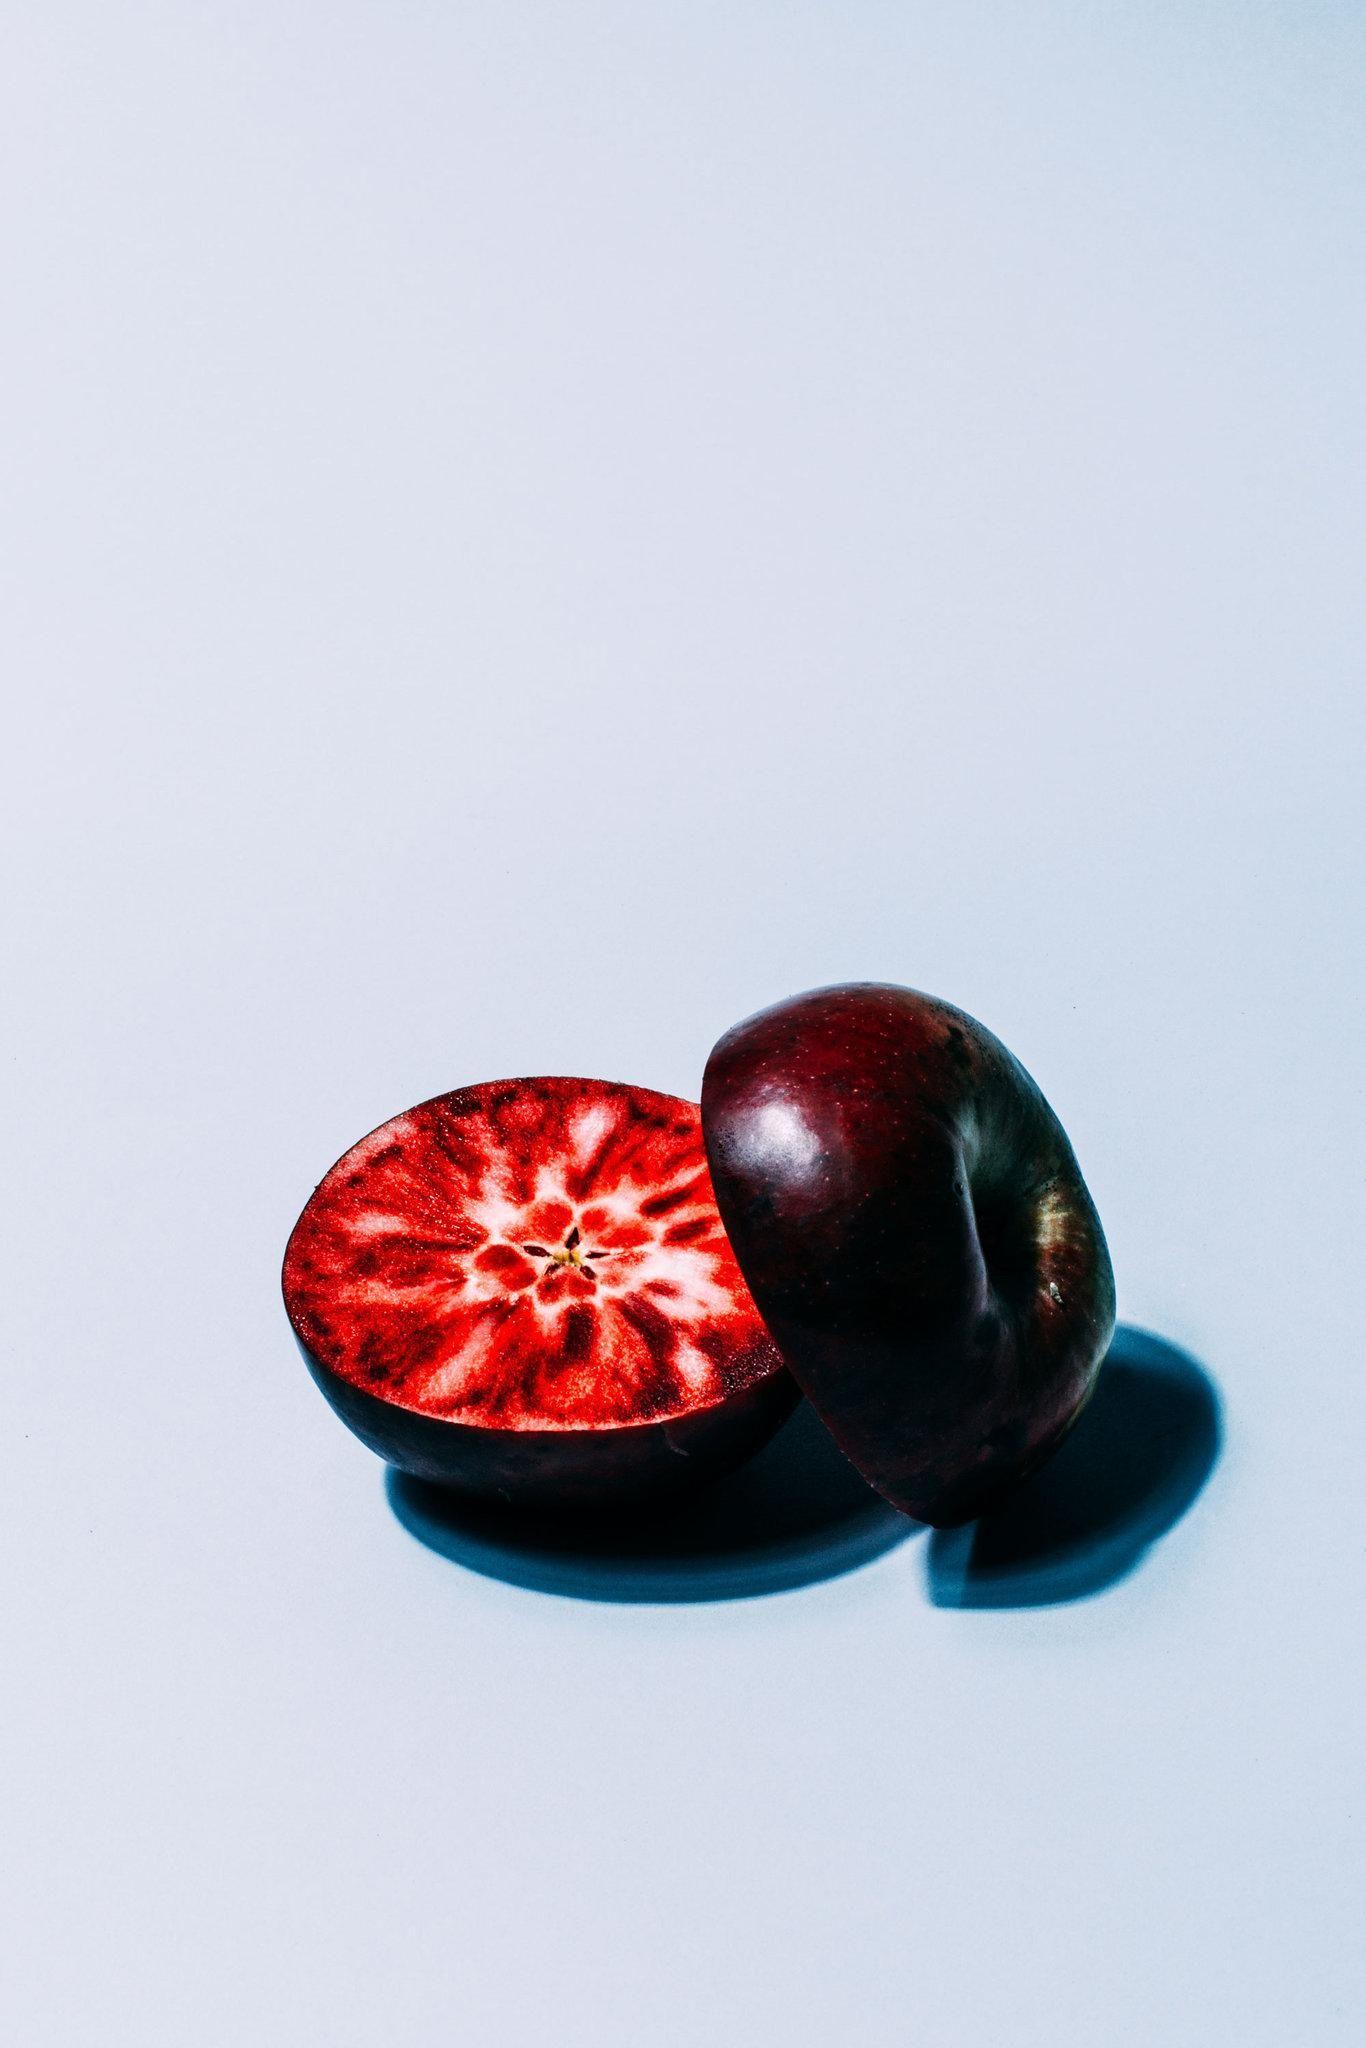 William Mullan's Delicious 'Odd Apples' Delicious